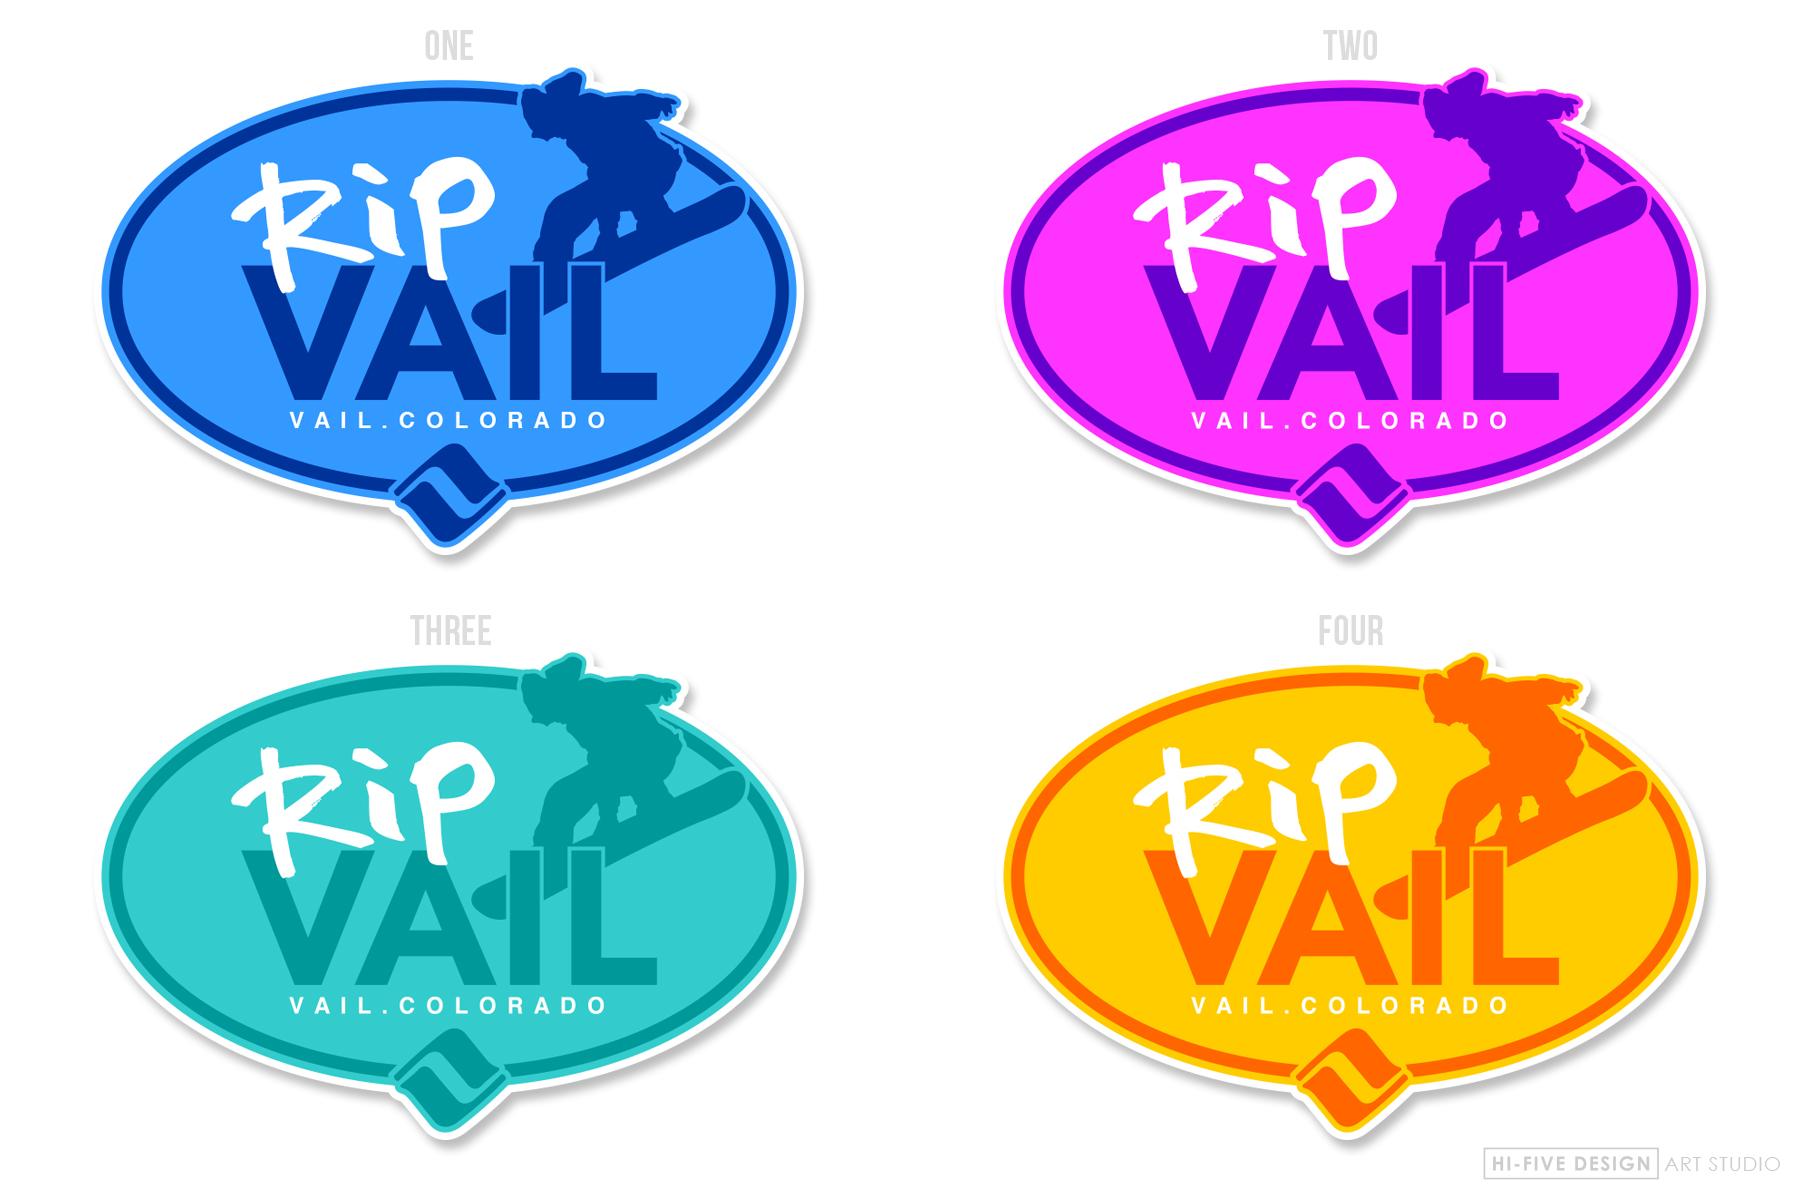 logo design colorado springs, graphic designer colorado springs, colorado logo, colorado design, sticker designer colorado springs, sticker designer denver, graphic designer colorado springs, graphic designer denver, artist colorado springs, artist denver